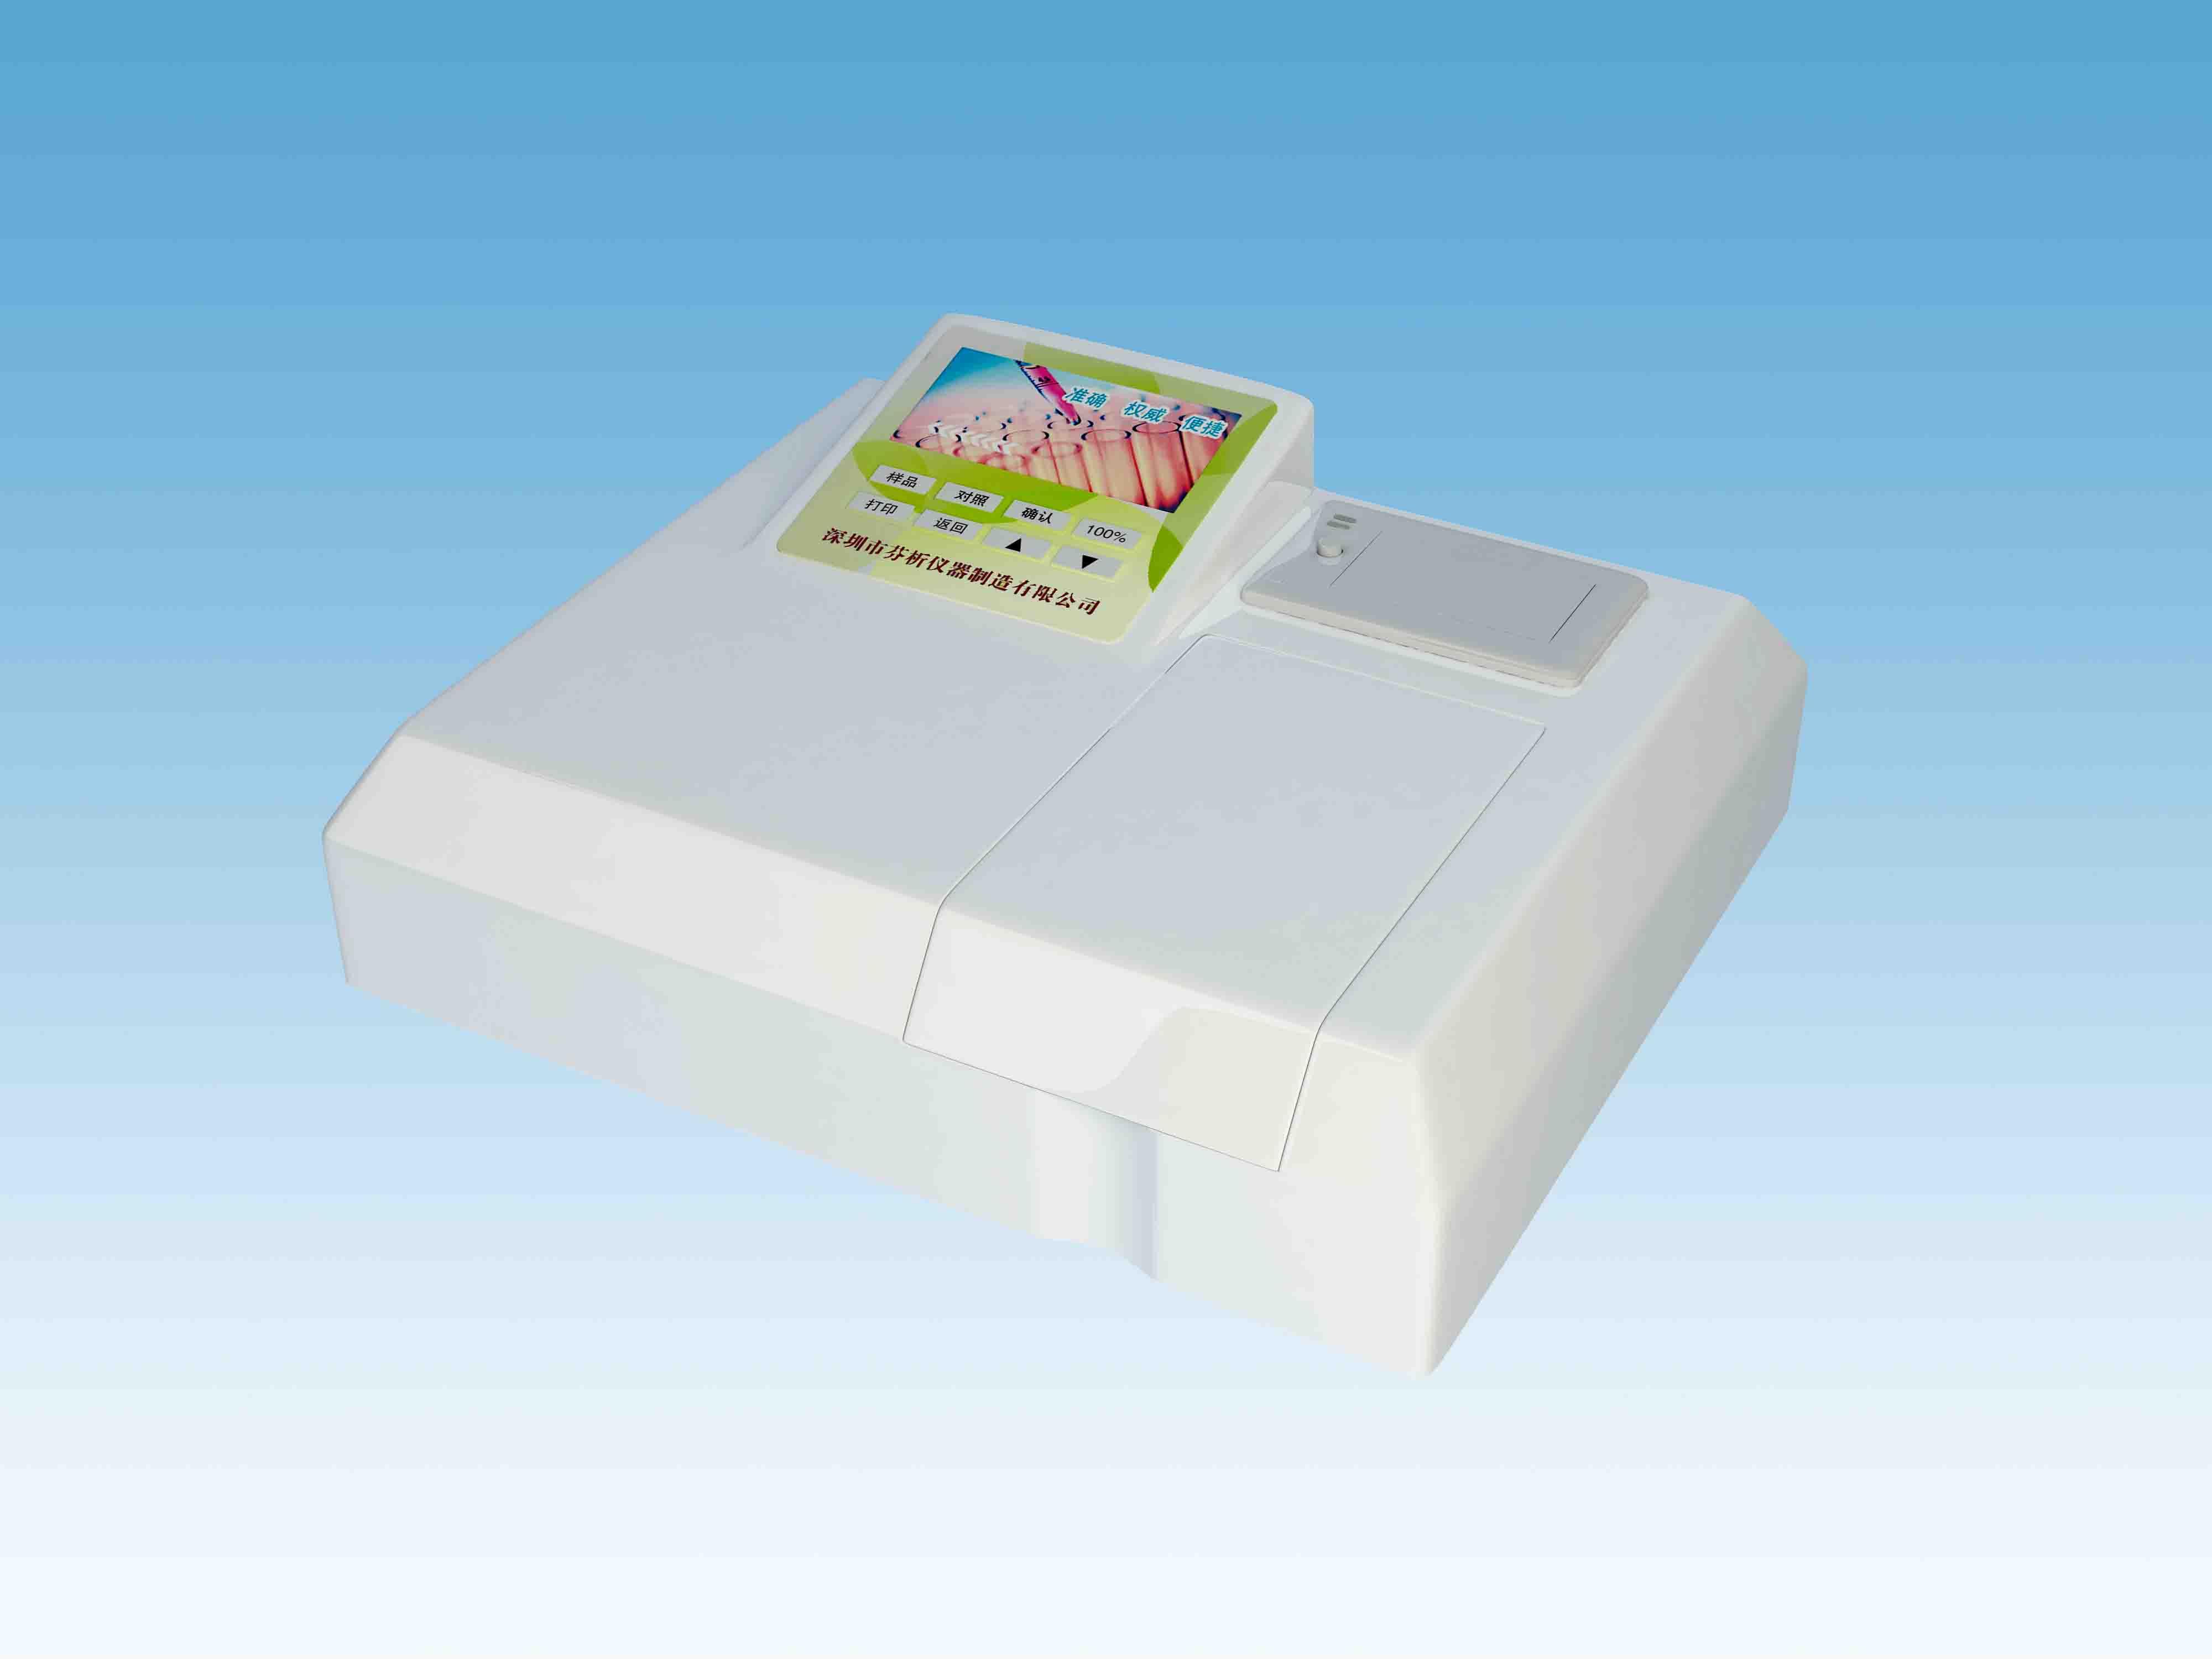 食品中亚硝酸盐含量检测仪